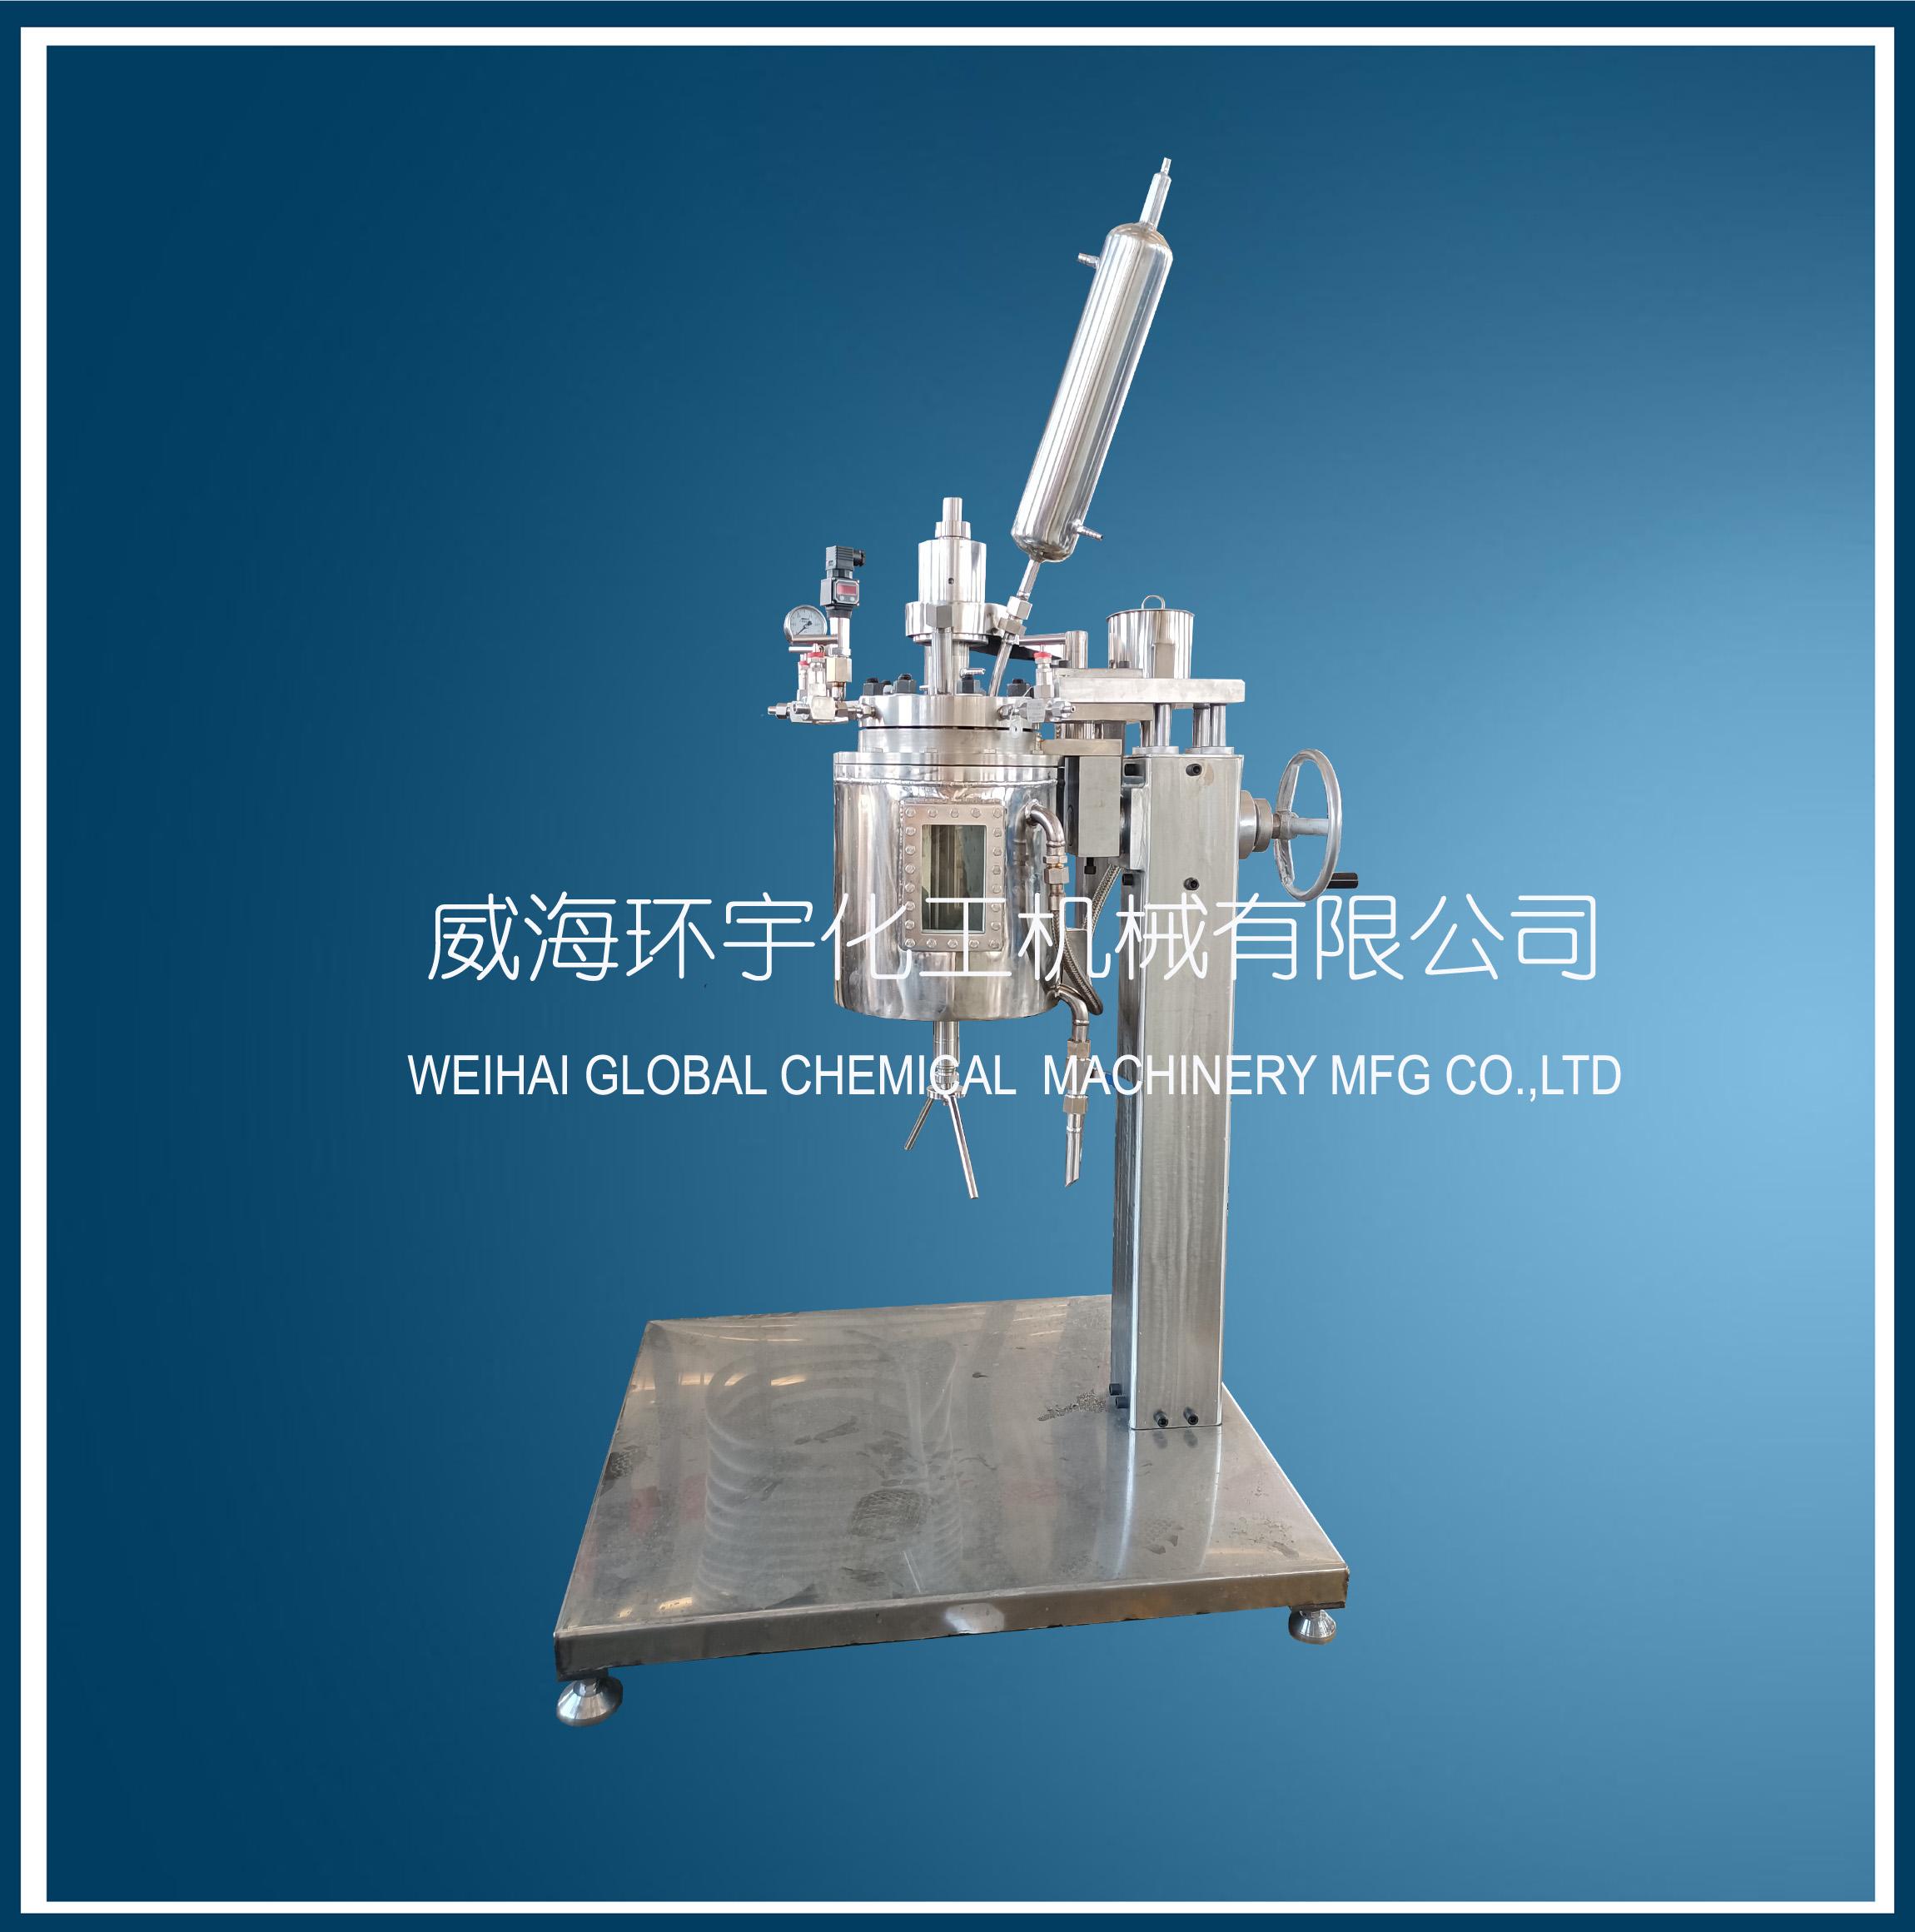 2L玻璃反应釜已完工发往上海